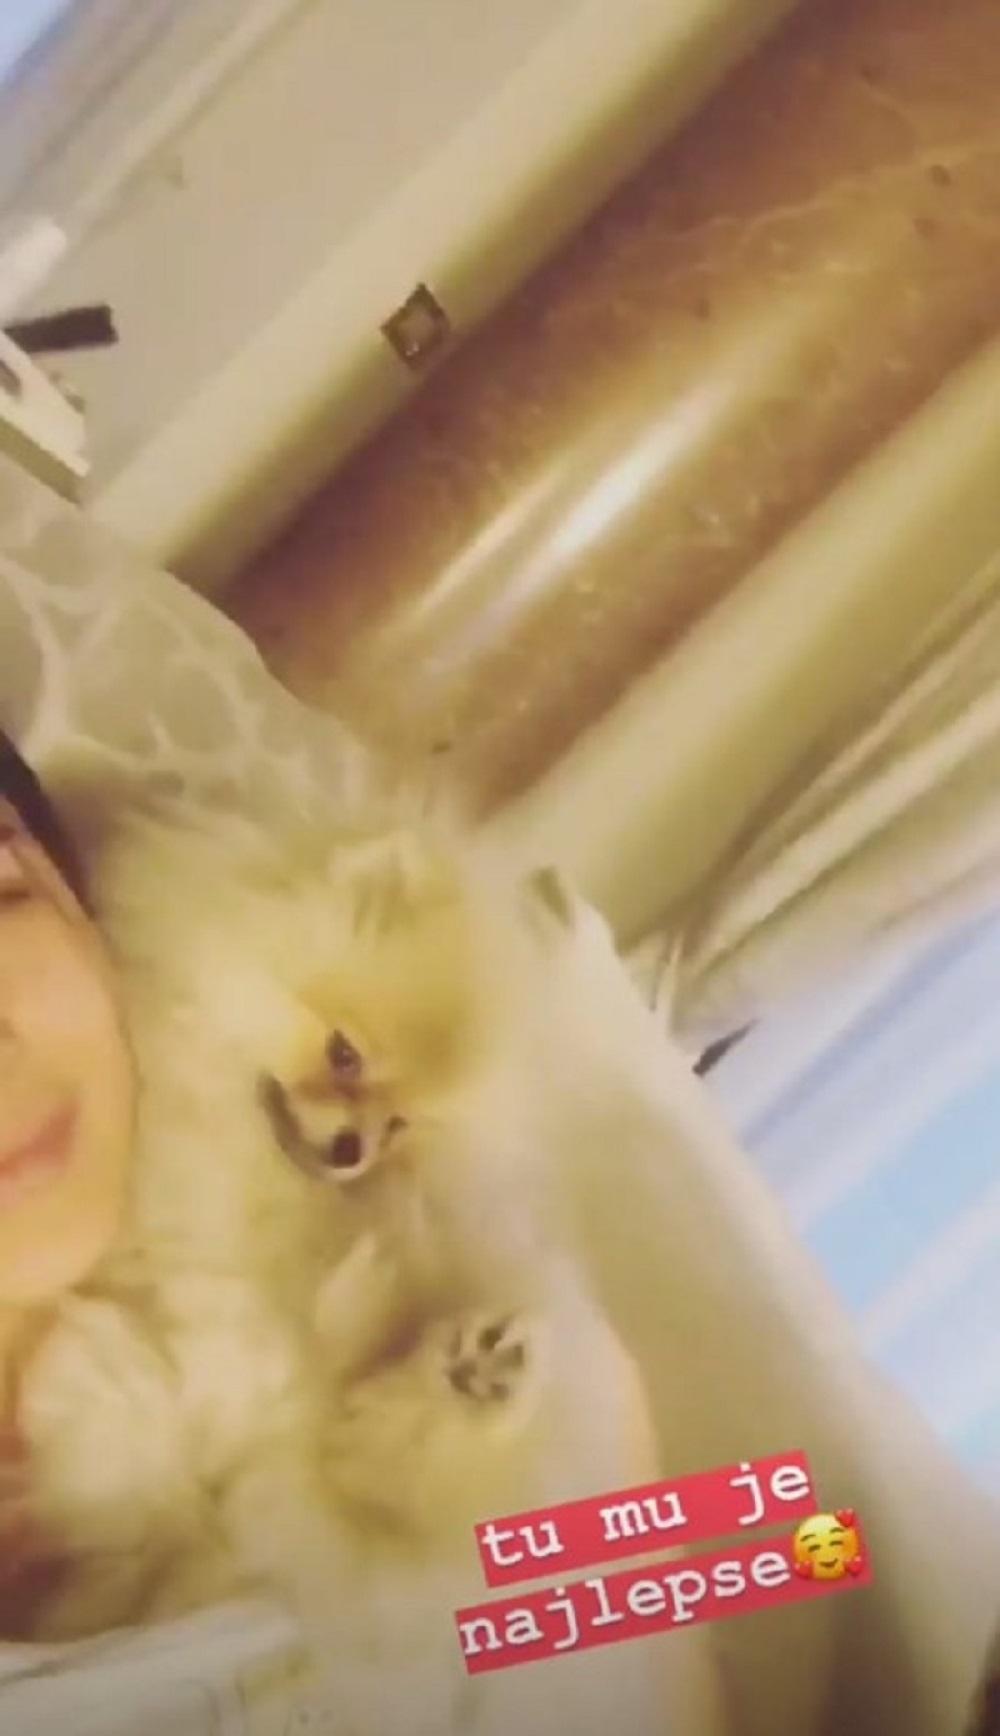 Pogledajte sa kim se Anastasija Ražnatović mazi u krevetu